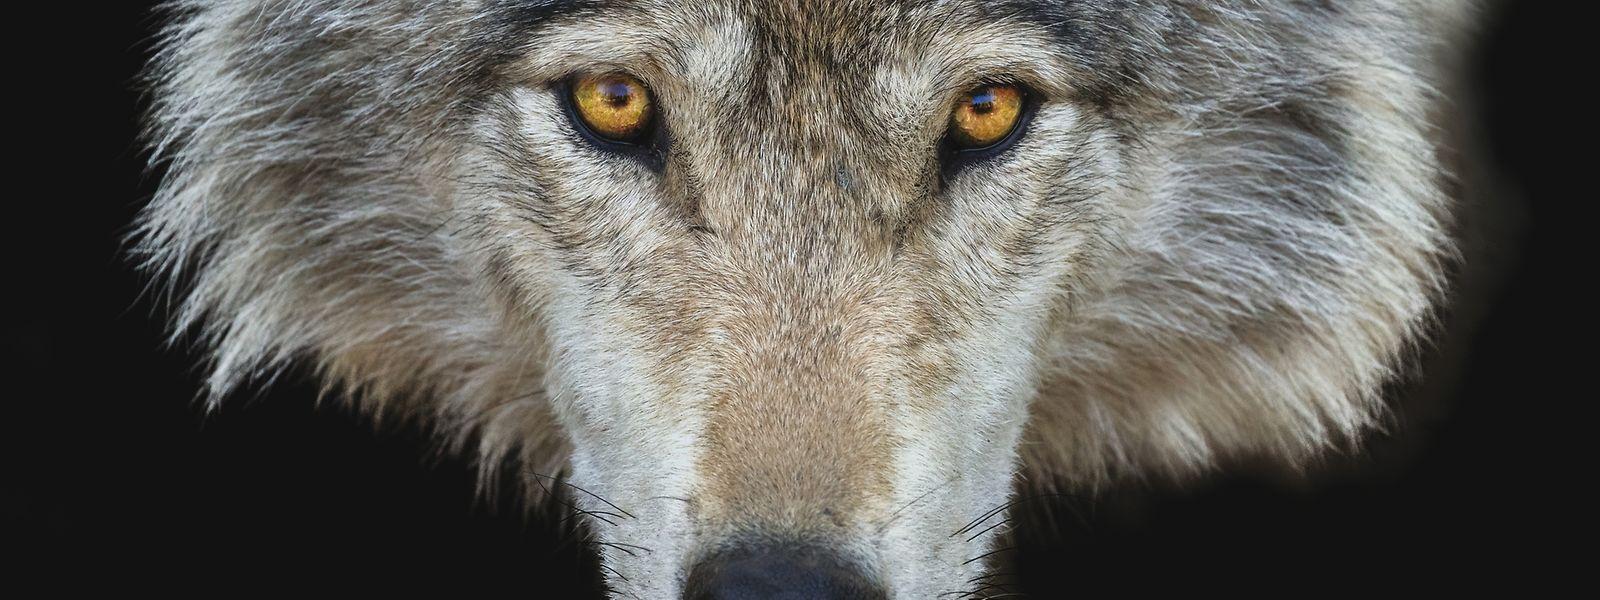 C'est la troisième fois en deux ans que des preuves d'existence du loup sur le sol luxembourgeois sont trouvées.